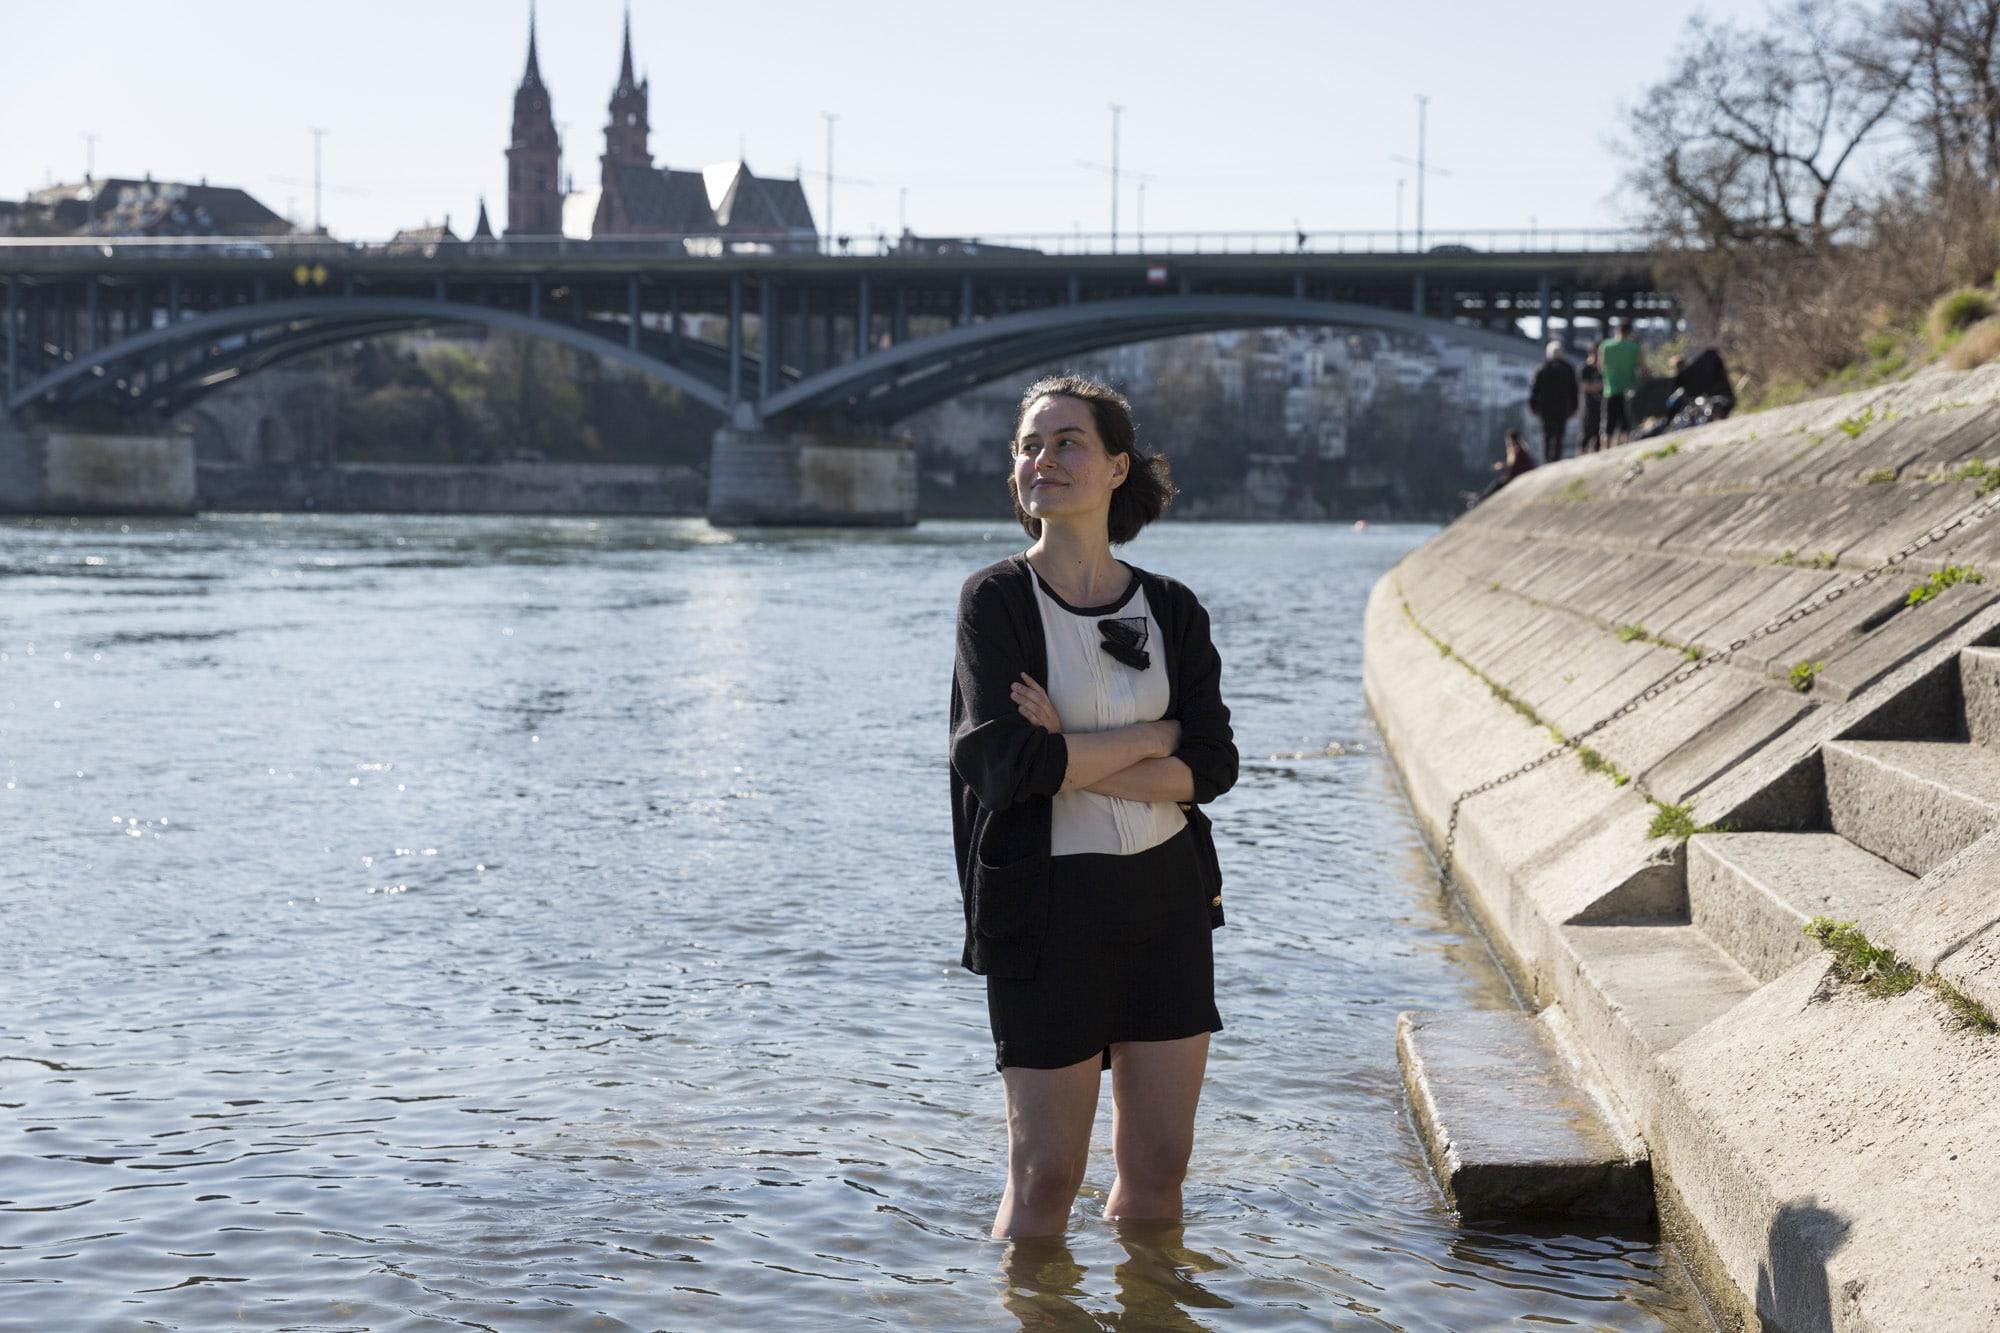 Als sie noch in Basel lebte, sei sie bereits Mitte April in den Rhein gestiegen, sagt Yael Inokai.